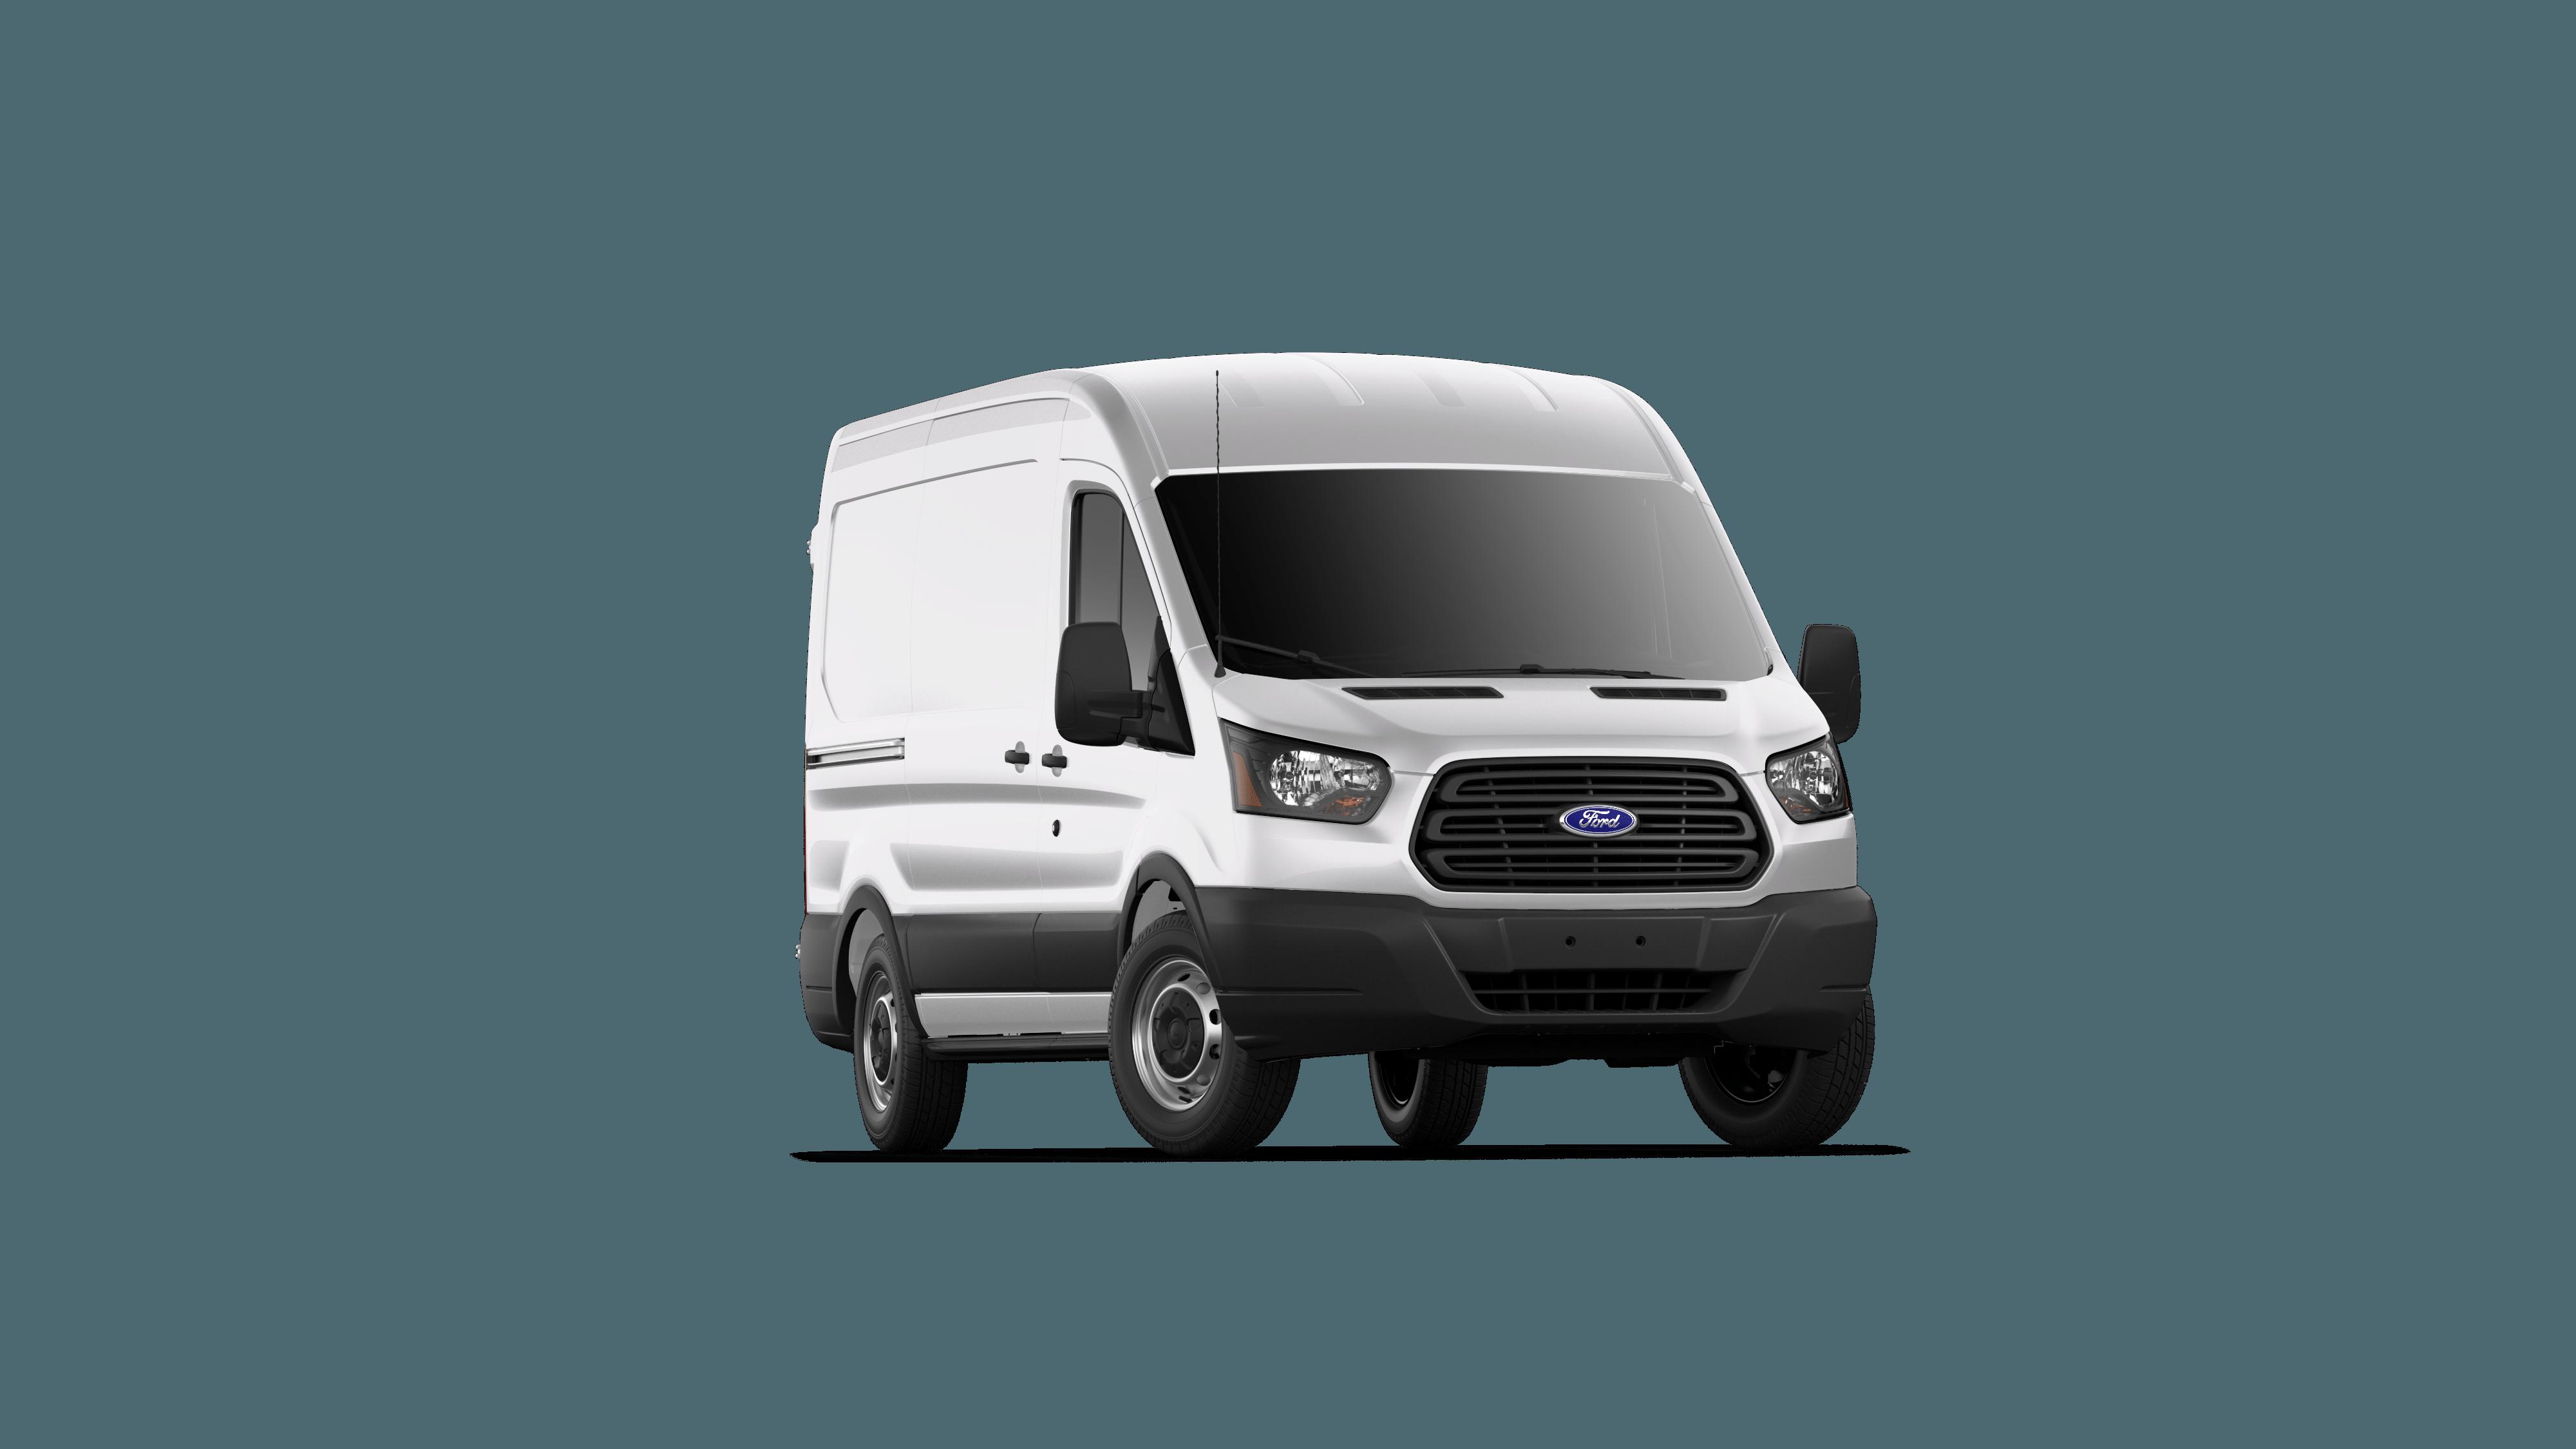 2019 ford transit van for sale in fort pierce. Black Bedroom Furniture Sets. Home Design Ideas